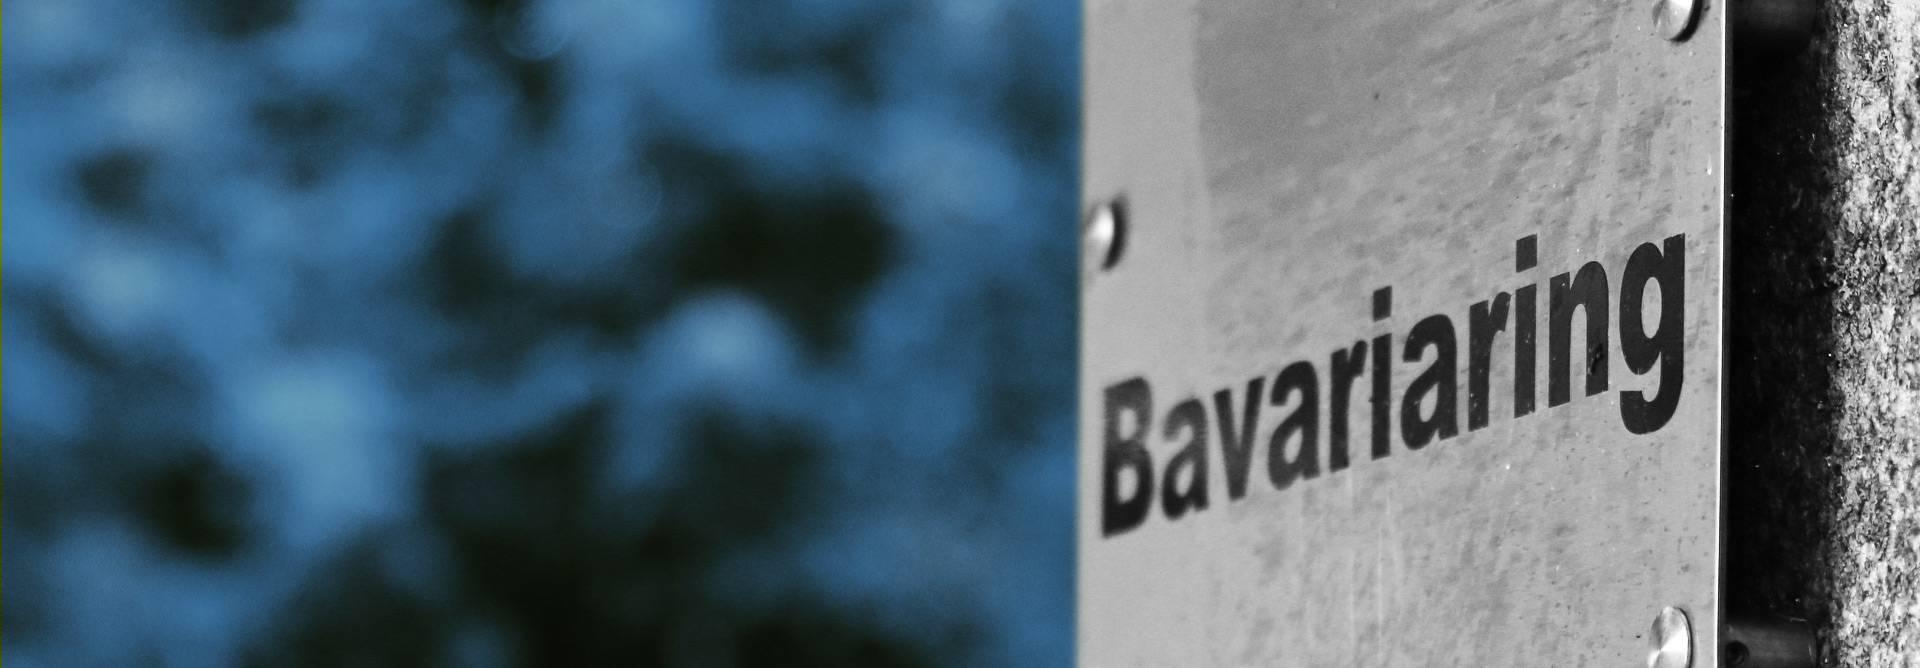 Schild Bavariaring München blau